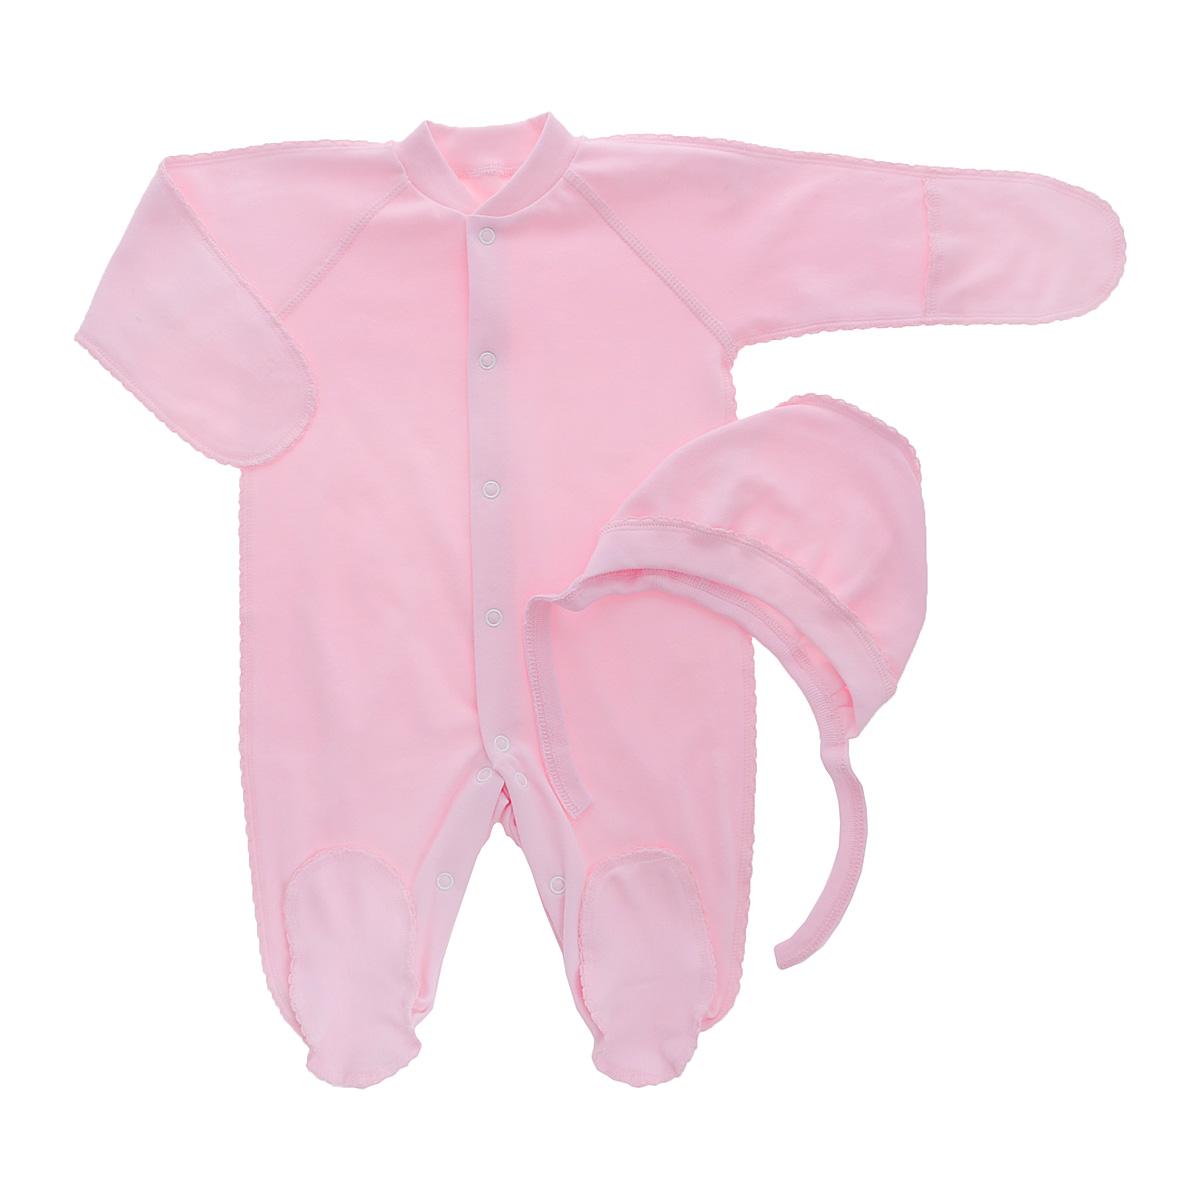 Комплект детский Фреш Стайл: комбинезон, чепчик, цвет: розовый. 37-5231. Размер 56, от 0 до 3 месяцев37-5231Комплект Фреш Стайл, состоящий из комбинезона и чепчика, идеально подойдет вашему ребенку. Изготовленный из 100% хлопка, он необычайно мягкий и легкий, приятный на ощупь, не раздражает нежную кожу ребенка и хорошо вентилируется.Комбинезон с воротником-стойкой, длинными рукавами-реглан и закрытыми ножками имеет удобные застежки-кнопки по всей длине и на ластовице, которые помогают легко переодеть ребенка или сменить подгузник. Комбинезон имеет рукавички, с помощью которых ручки могут быть открыты или спрятаны и ваш ребенок не поцарапает себя.Мягкий чепчик защищает еще не заросший родничок, щадит чувствительный слух малыша, а мягкая резиночка, не сдавливая голову малыша,прикрывает ушки и предохраняет от теплопотерь. Швы элементов комплекта выполнены наружу и отделаны красивой декоративной строчкой. Комплект полностью соответствует особенностям жизни малыша в ранний период, не стесняя и не ограничивая его в движениях.